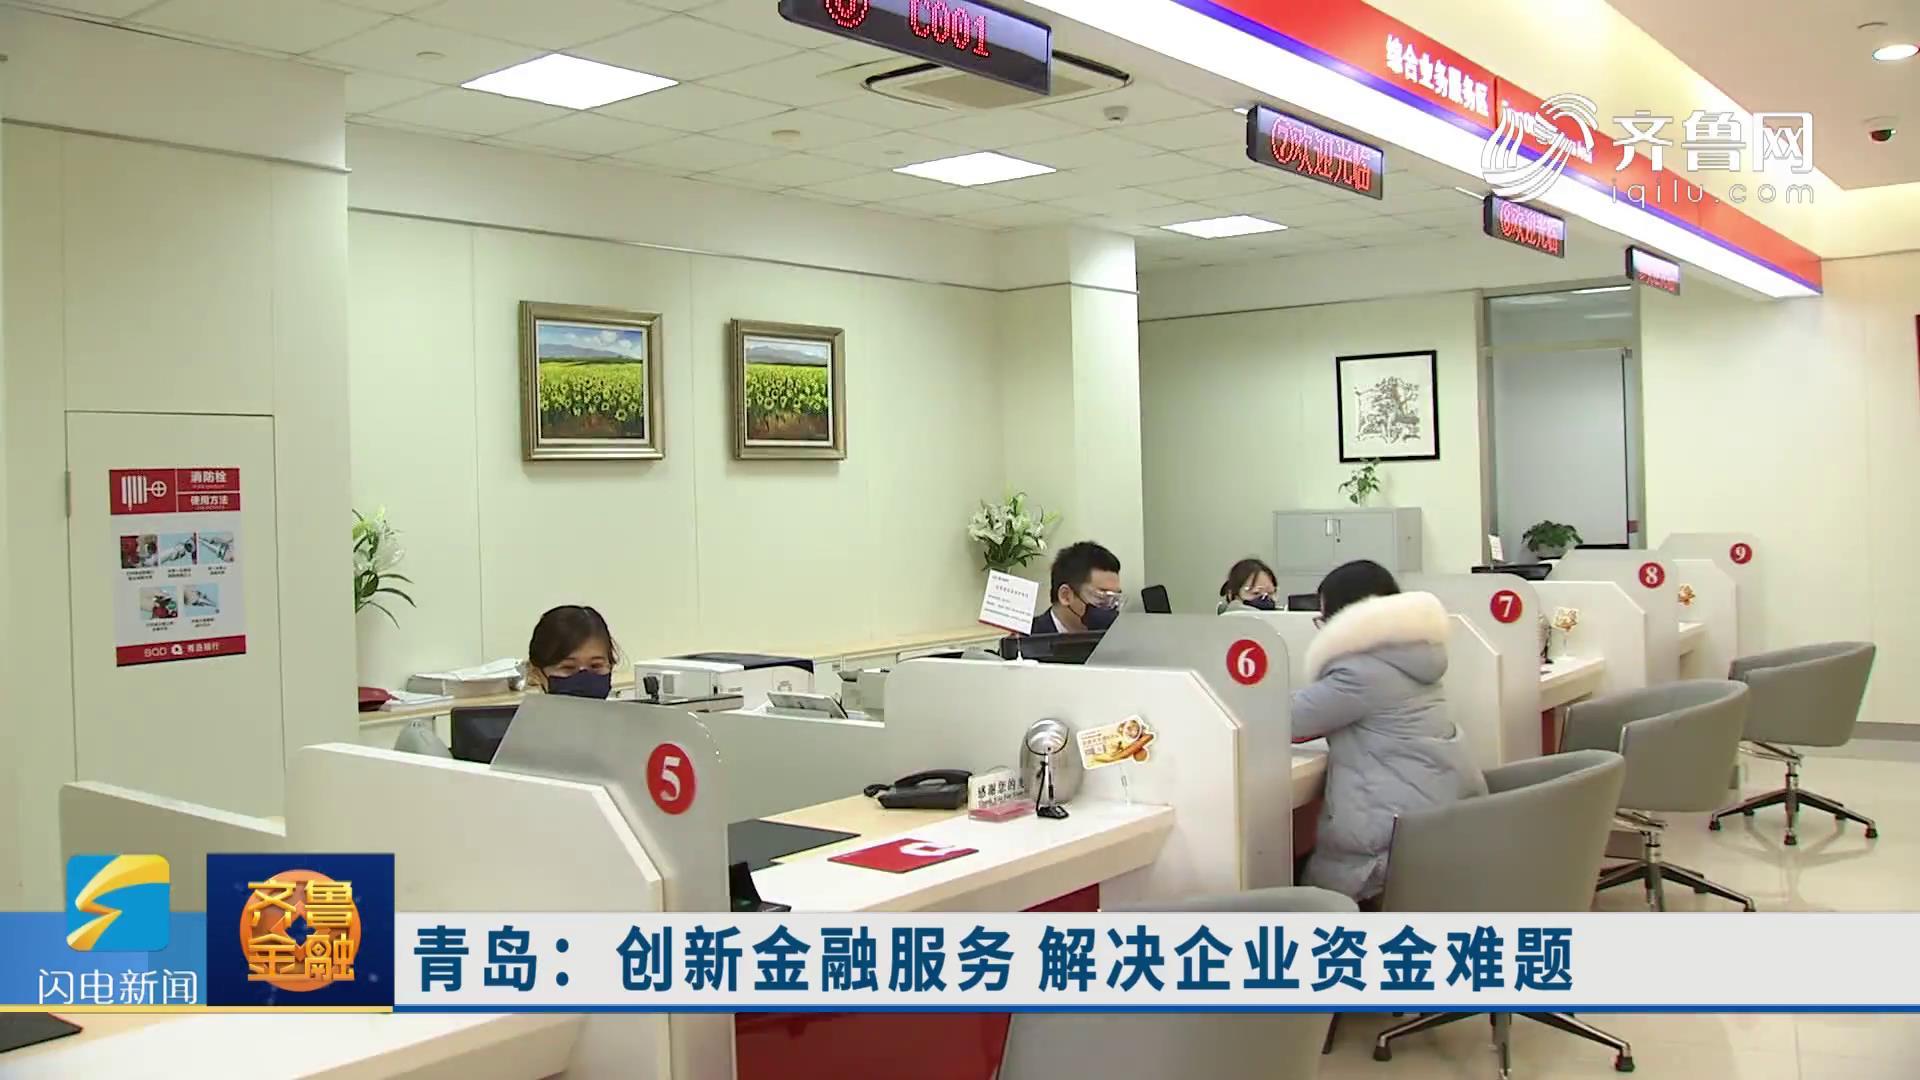 青岛:创新金融服务 解决企业资金难题《齐鲁金融》20200311播出